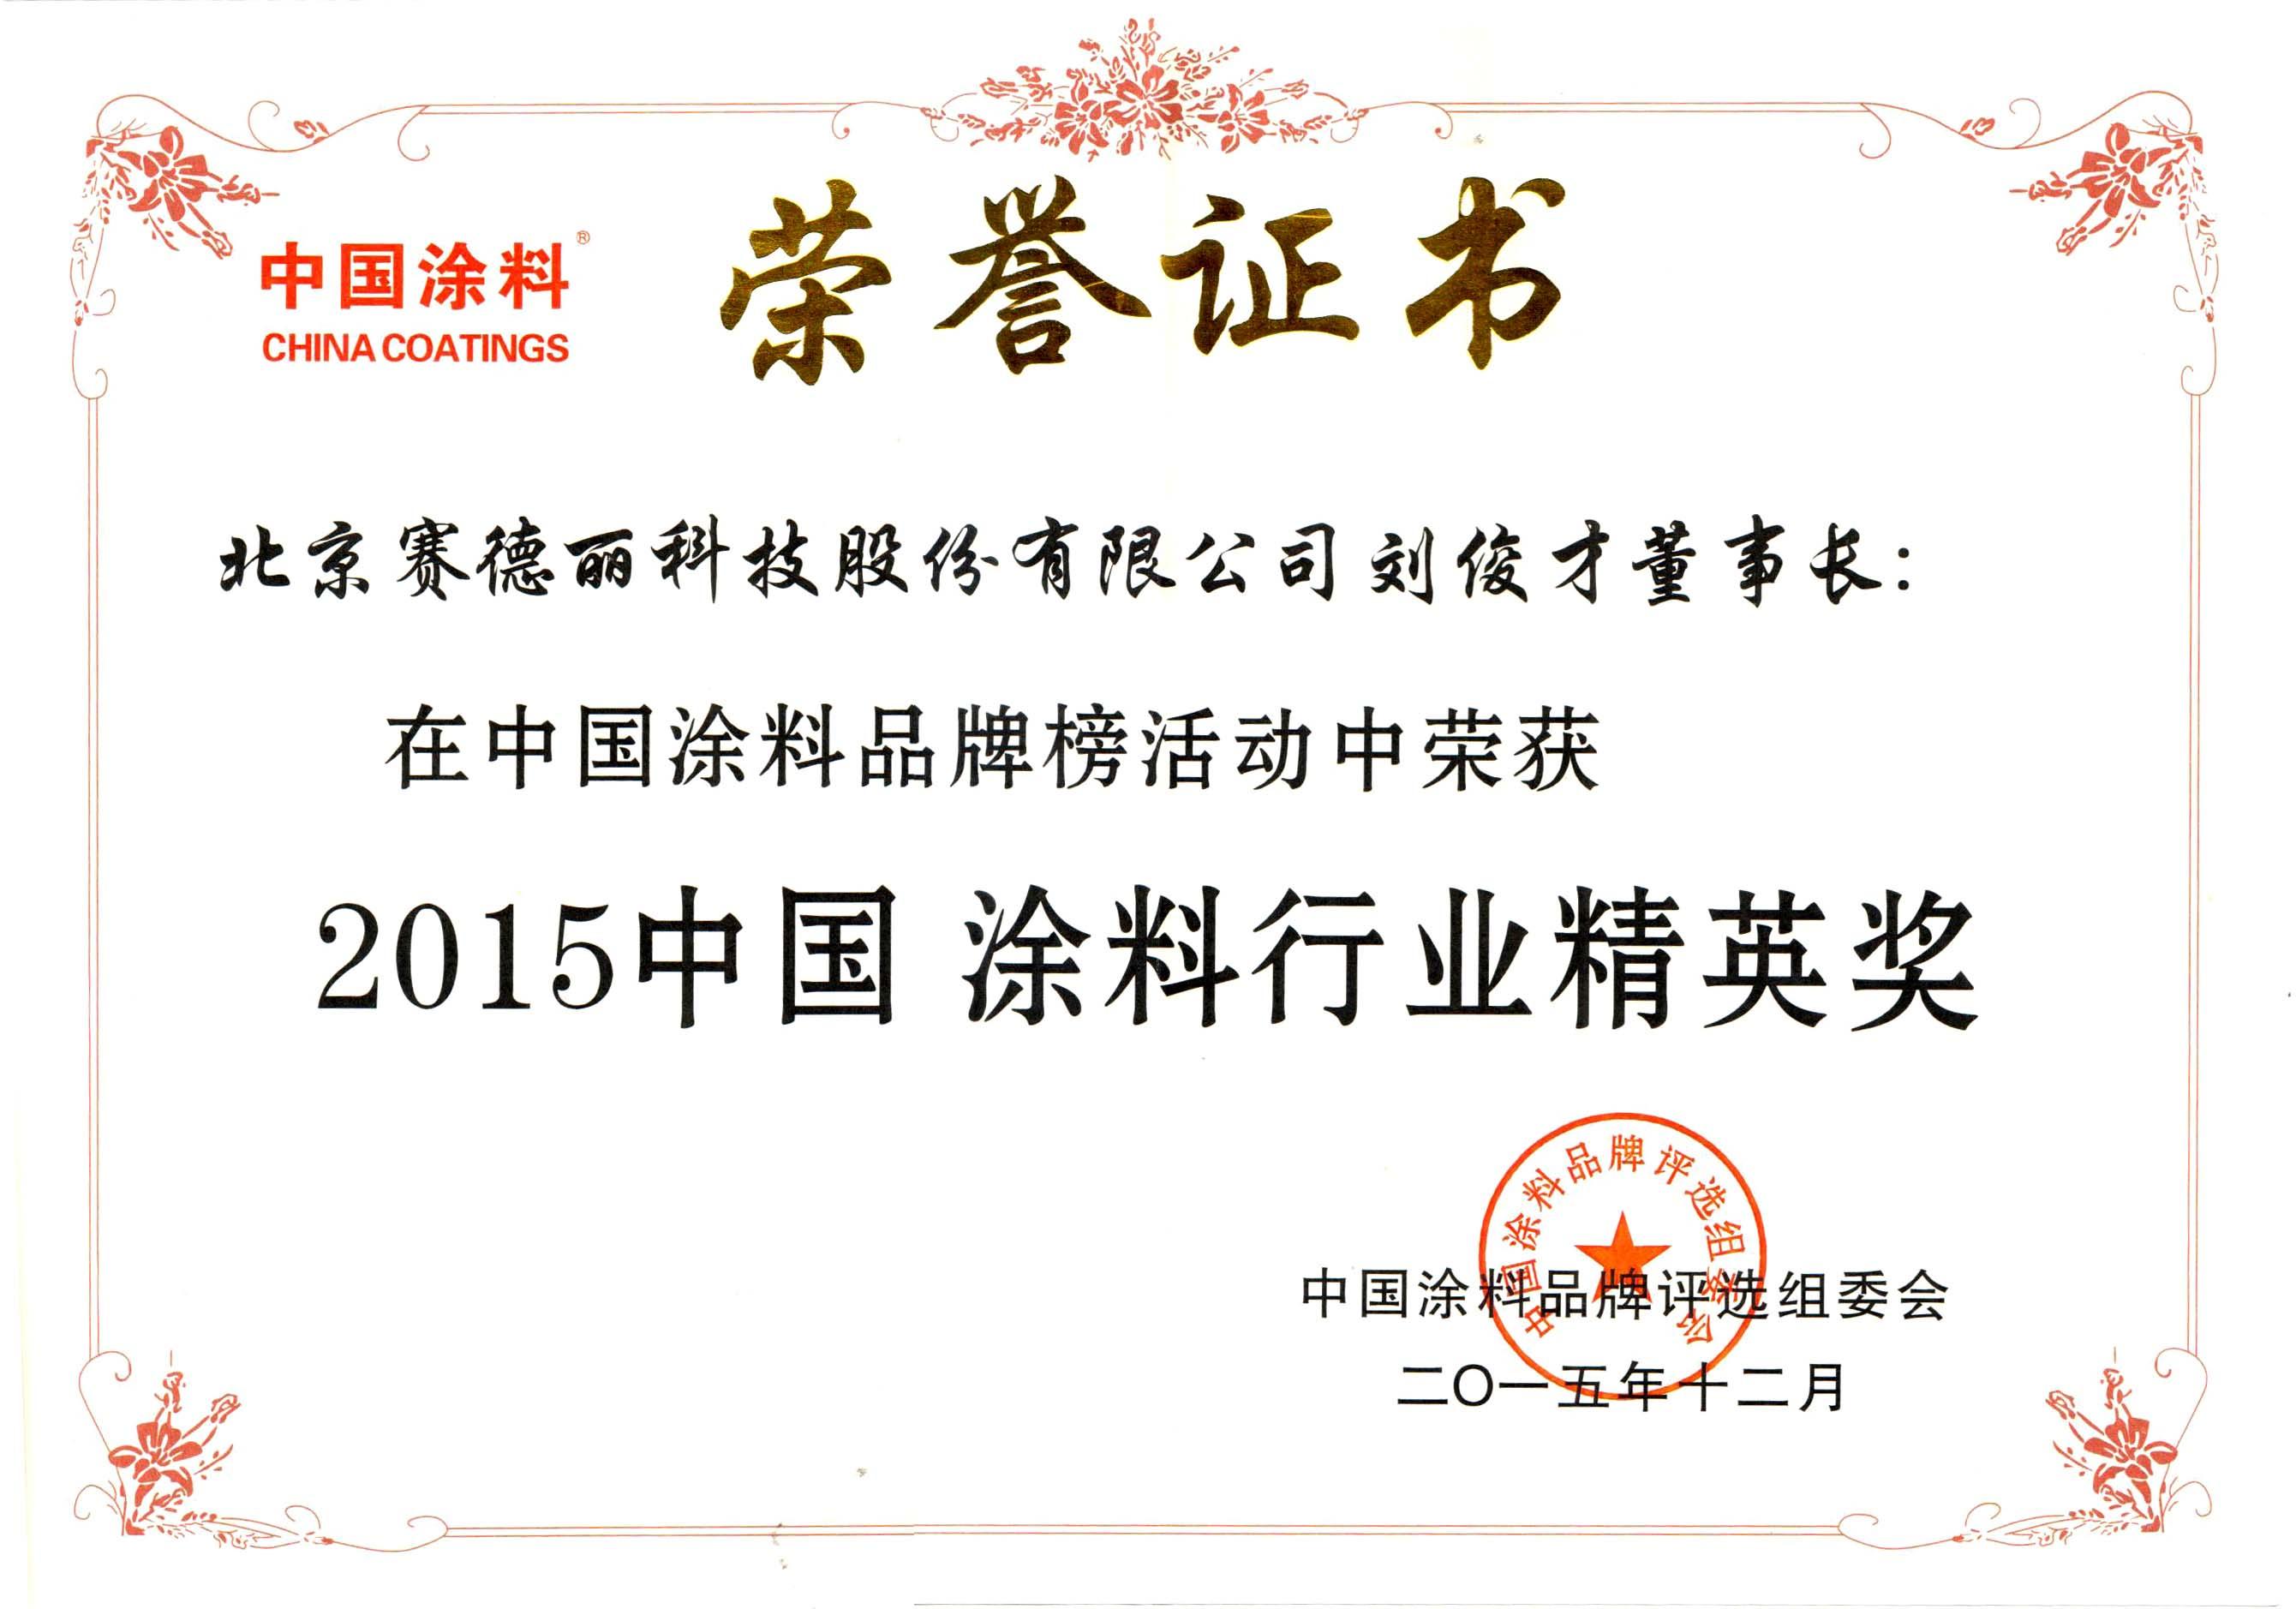 赛德丽董事长刘俊才荣获2015中国涂料行业精英奖